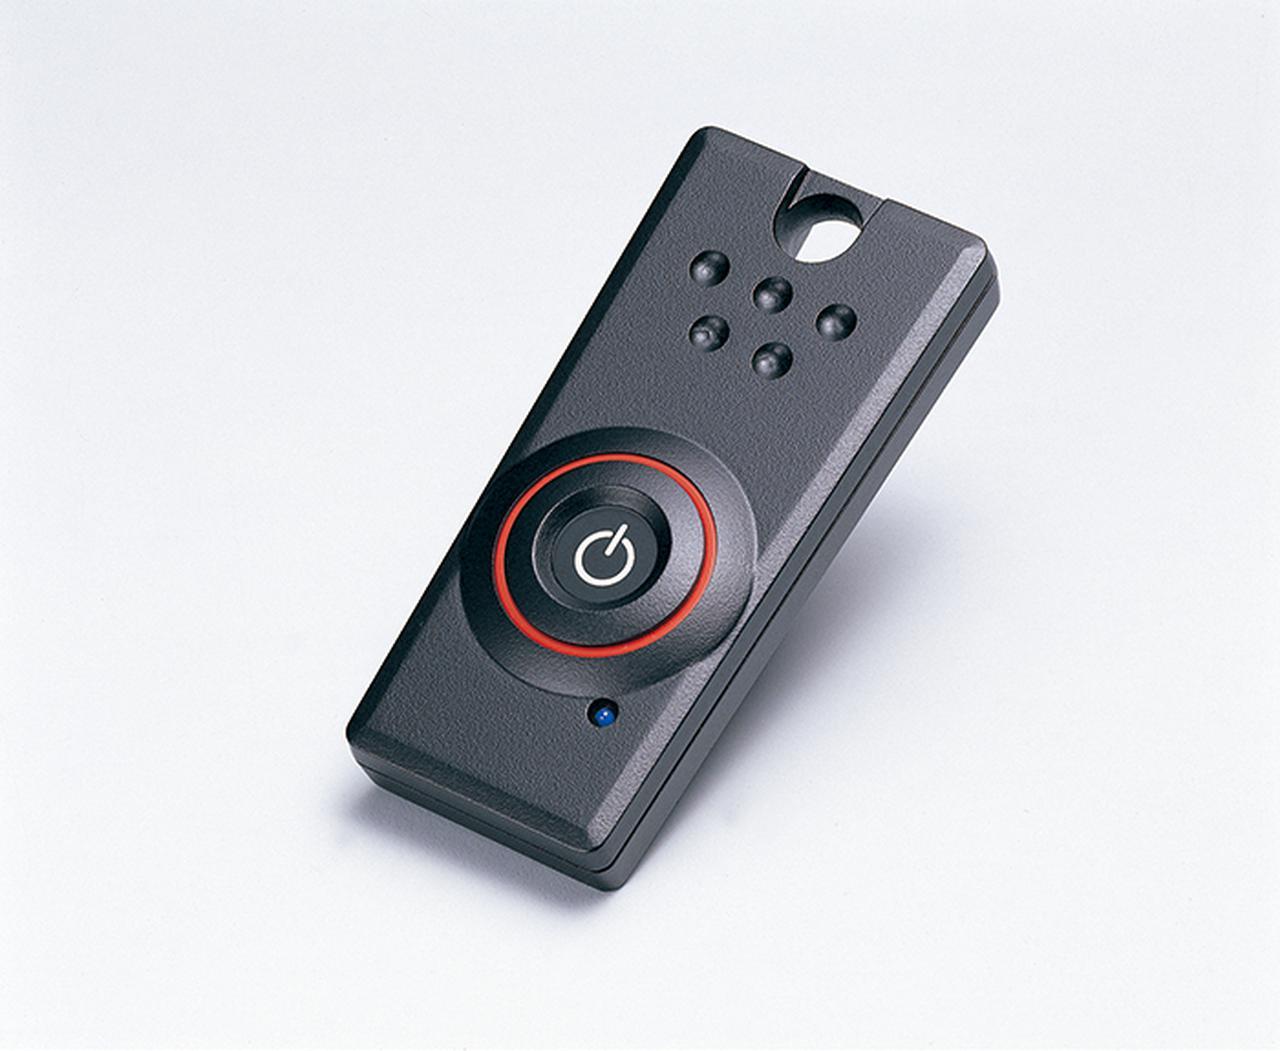 画像: ▲2004年当時「Hondaスマート カード キーシステム」のスマートキー。